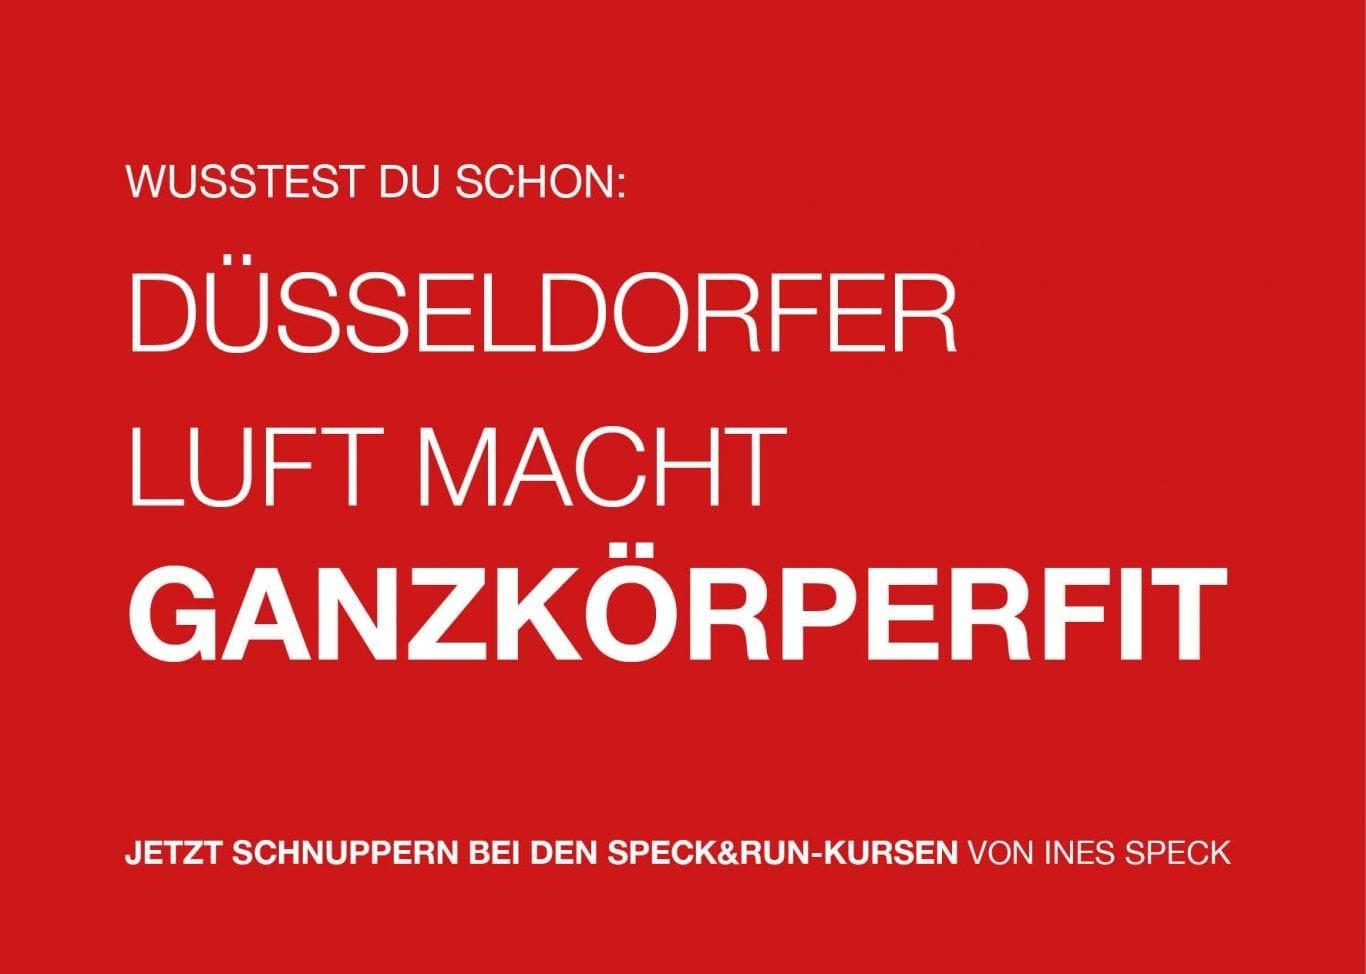 Herbstausgabe SPECK&RUN Outdoor Fitness in Düsseldorf